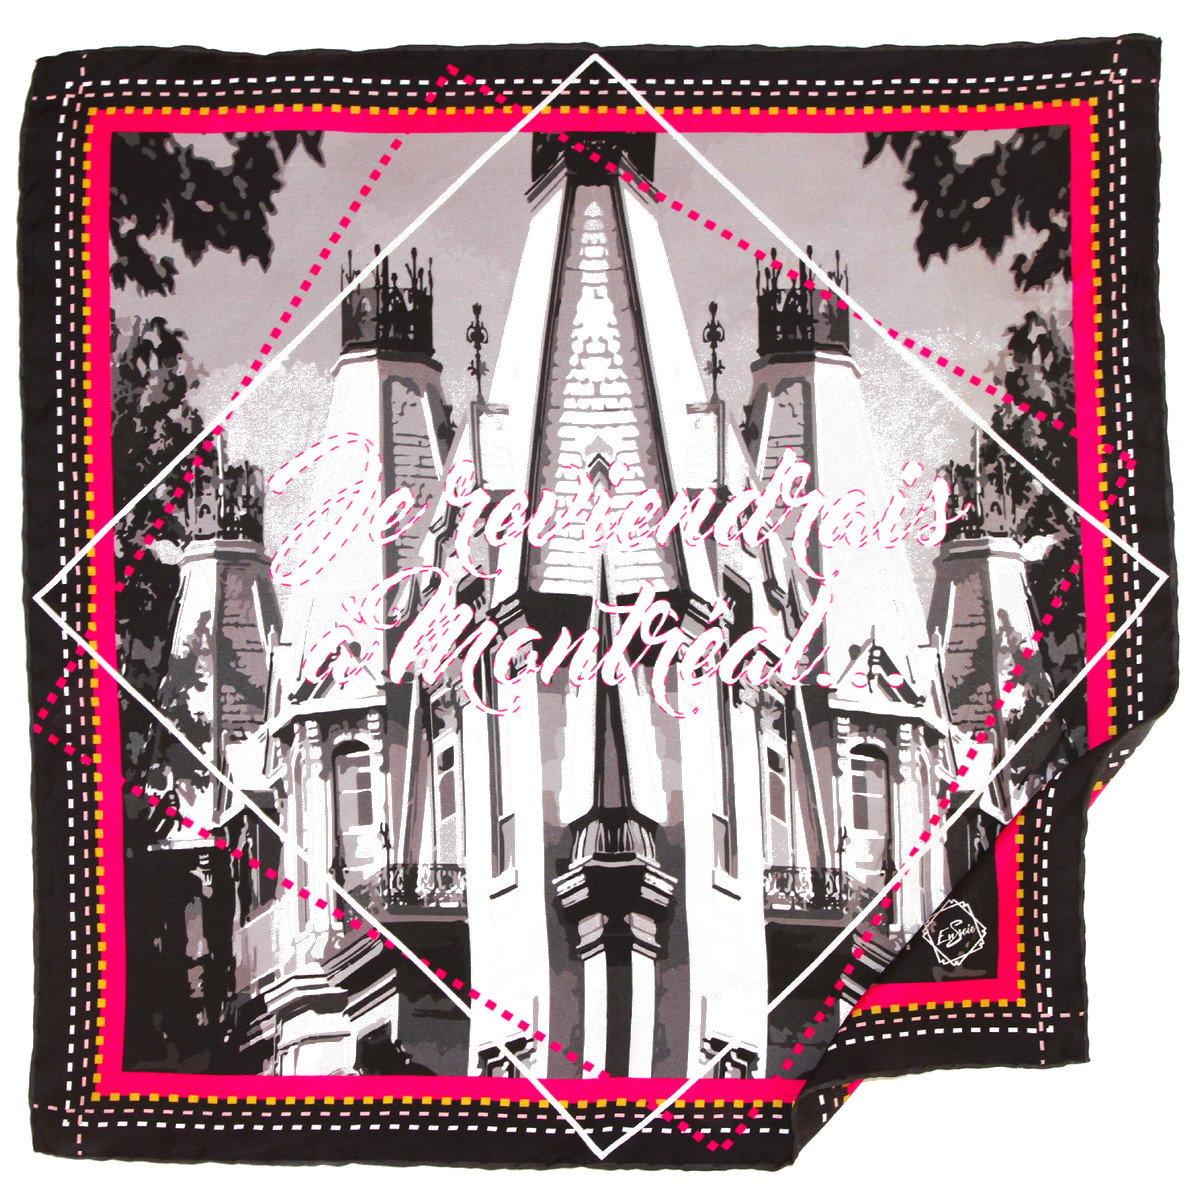 Image of JE REVIENDRAI A MONTREAL, Le Grand Foulard (carré en soie de 90/90cm)